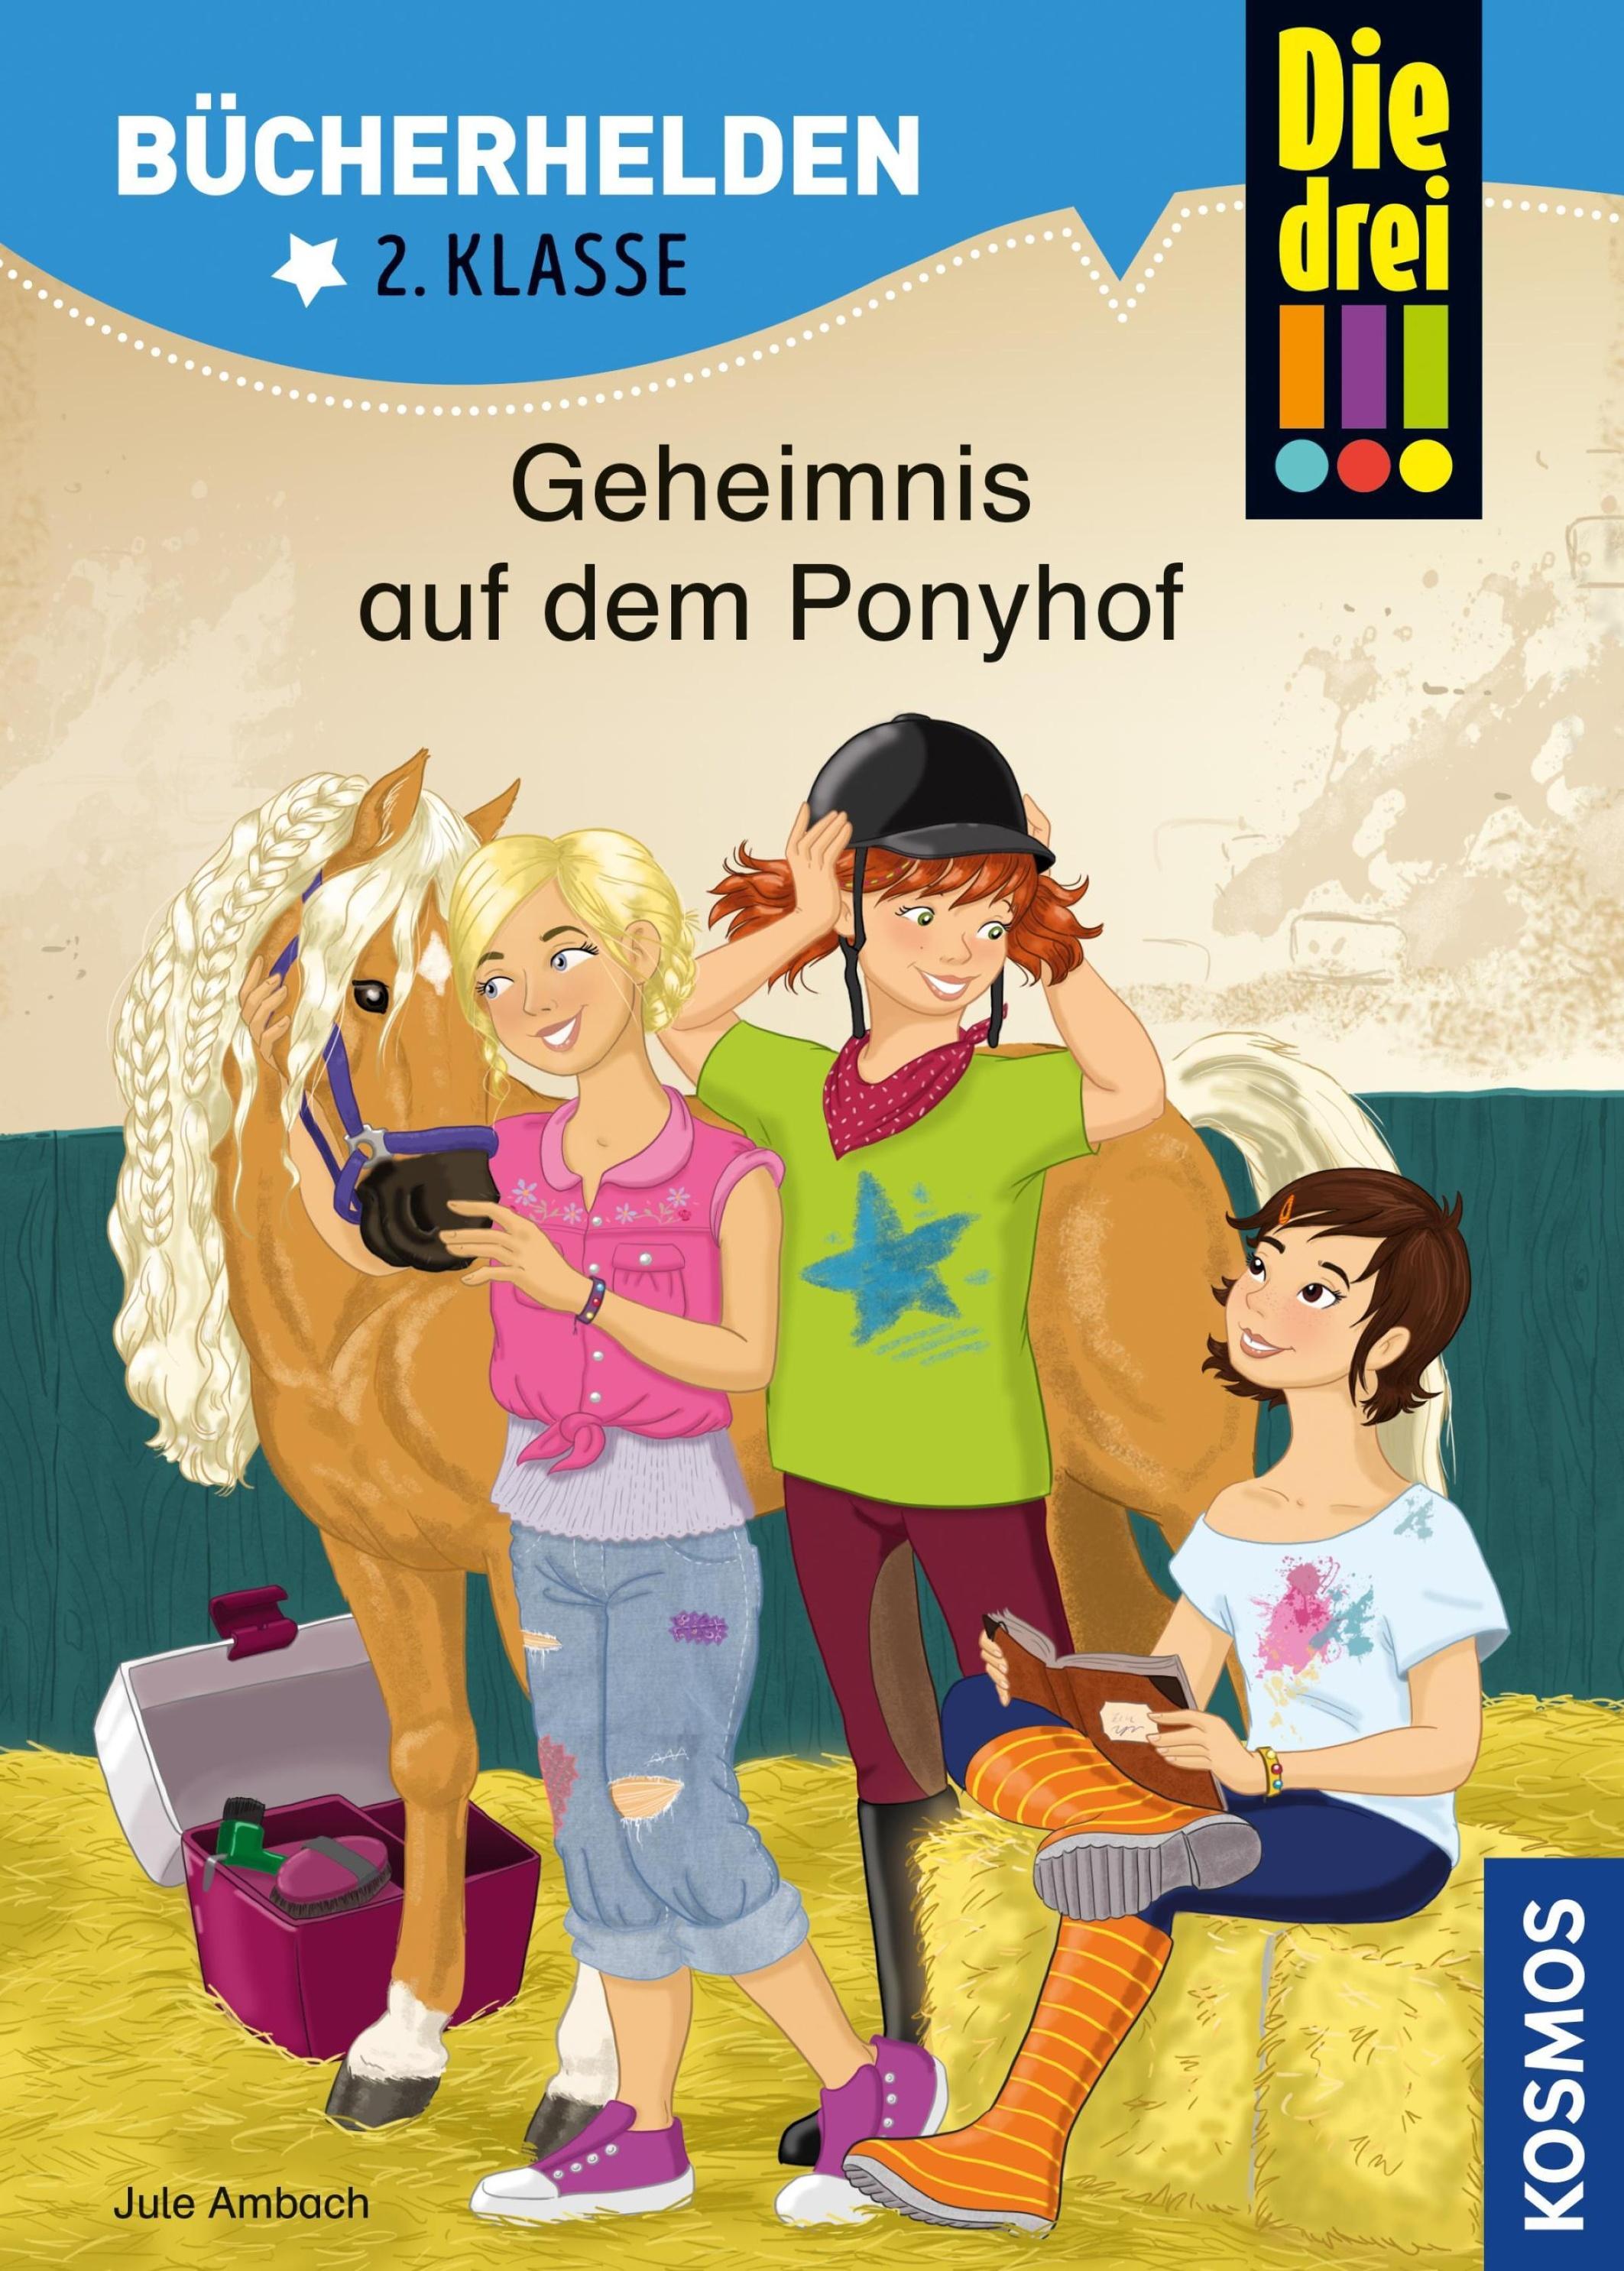 Die Drei Bucherhelden 2 Klasse Geheimnis Auf Dem Ponyhof Drei Ausrufezeichen Bucherhelden Ebook Weltbild De